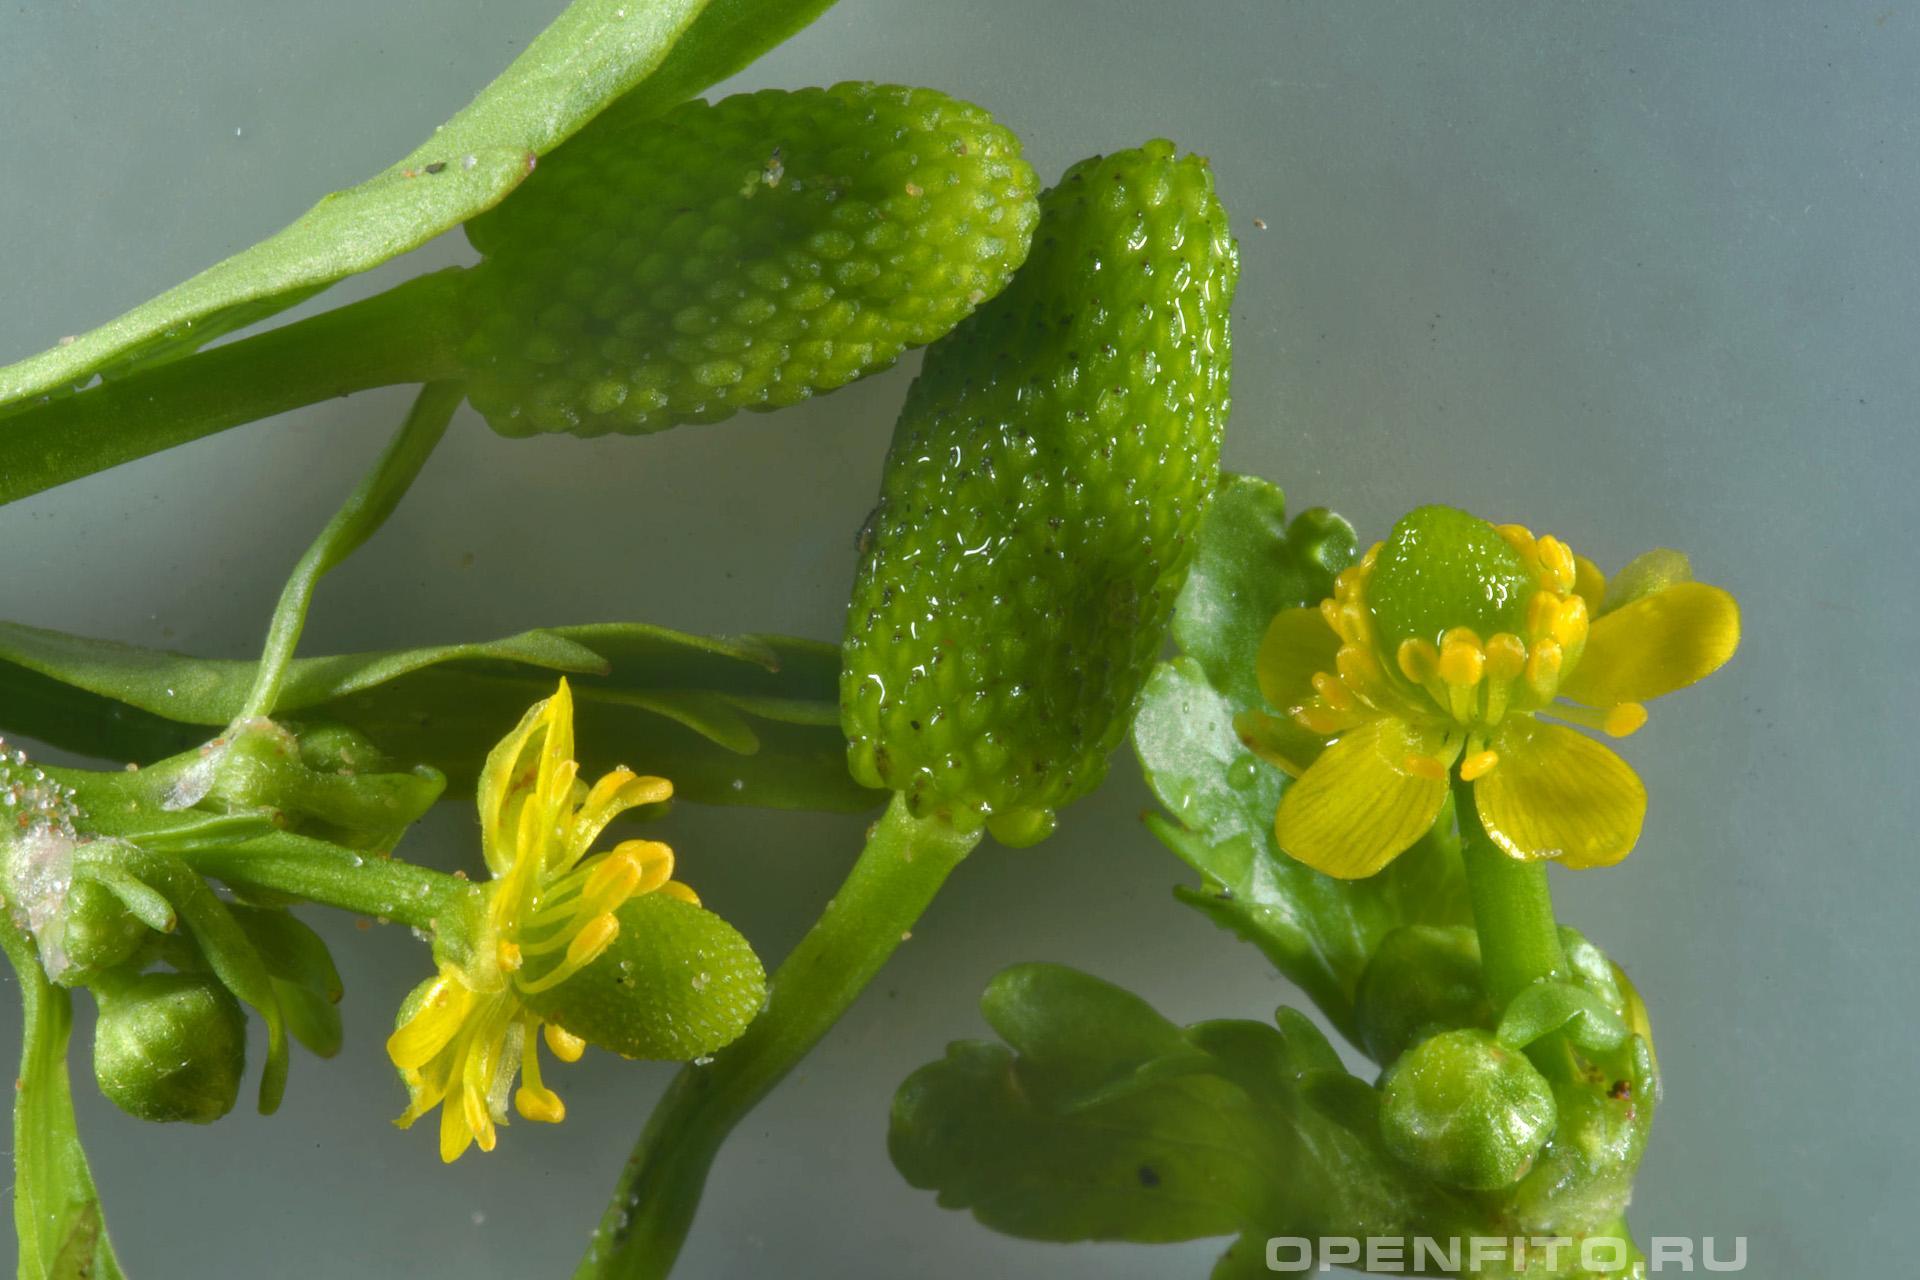 Лютик ядовитый болотный лютик - фото цветков и незрелых плодов